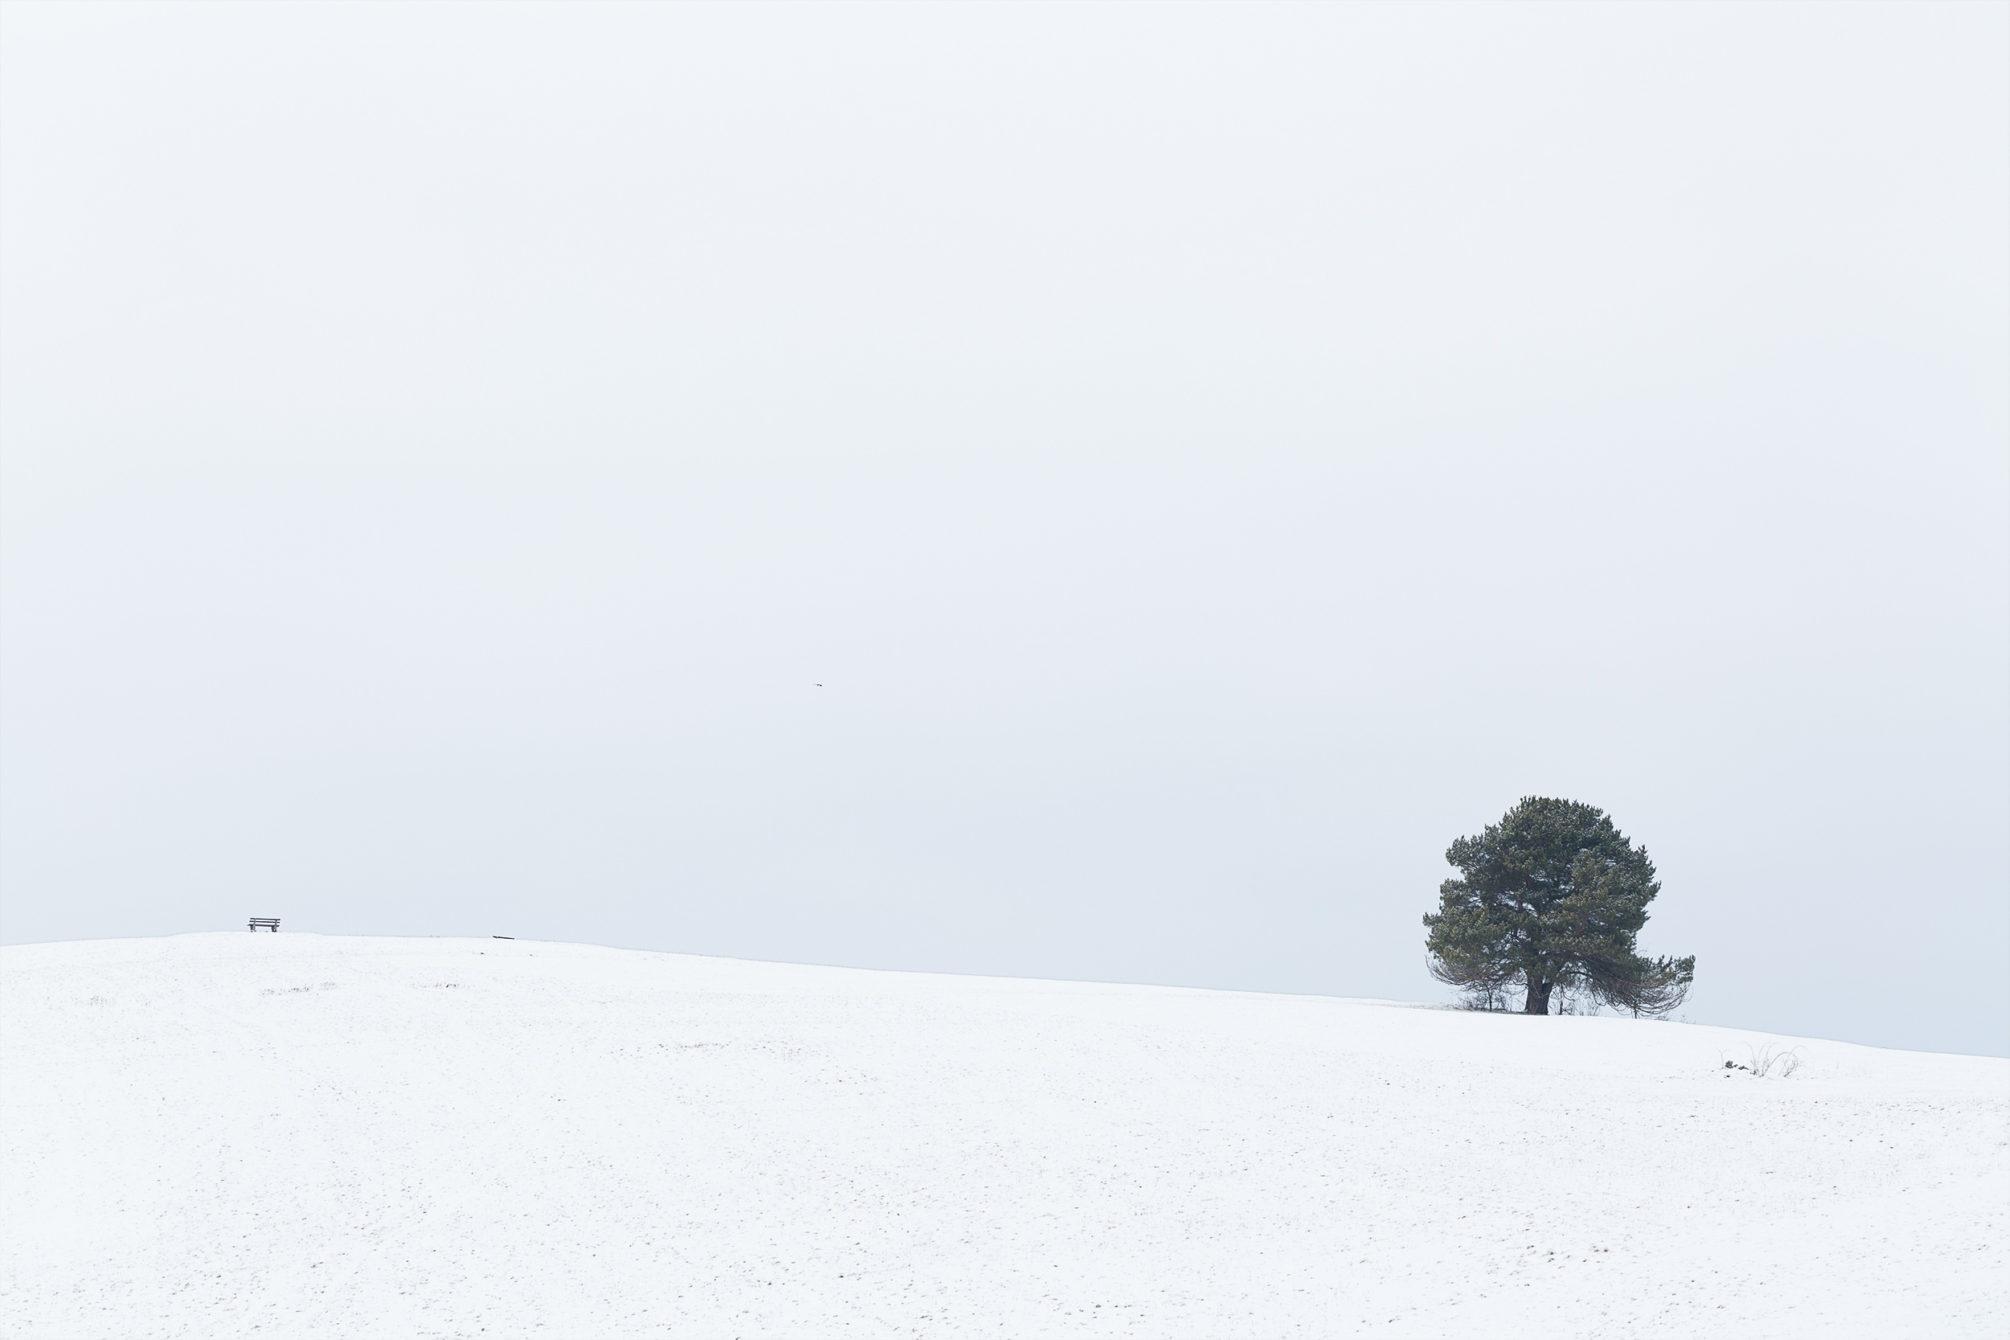 Ein einzelner Baum auf nahe dem Golfplatz Undingen im Winter.